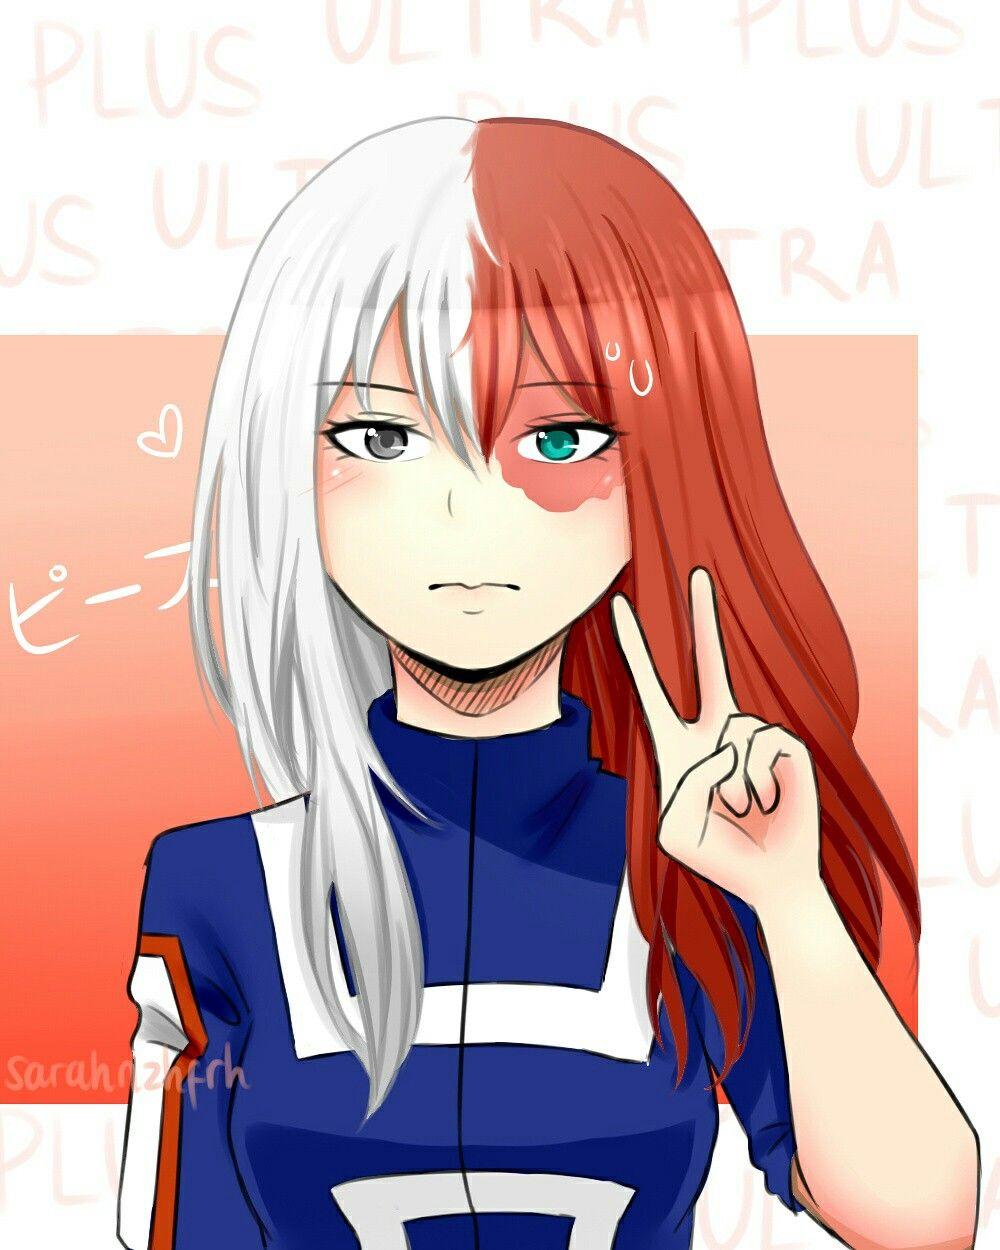 Todoroki shouto genderbender genderbend my hero